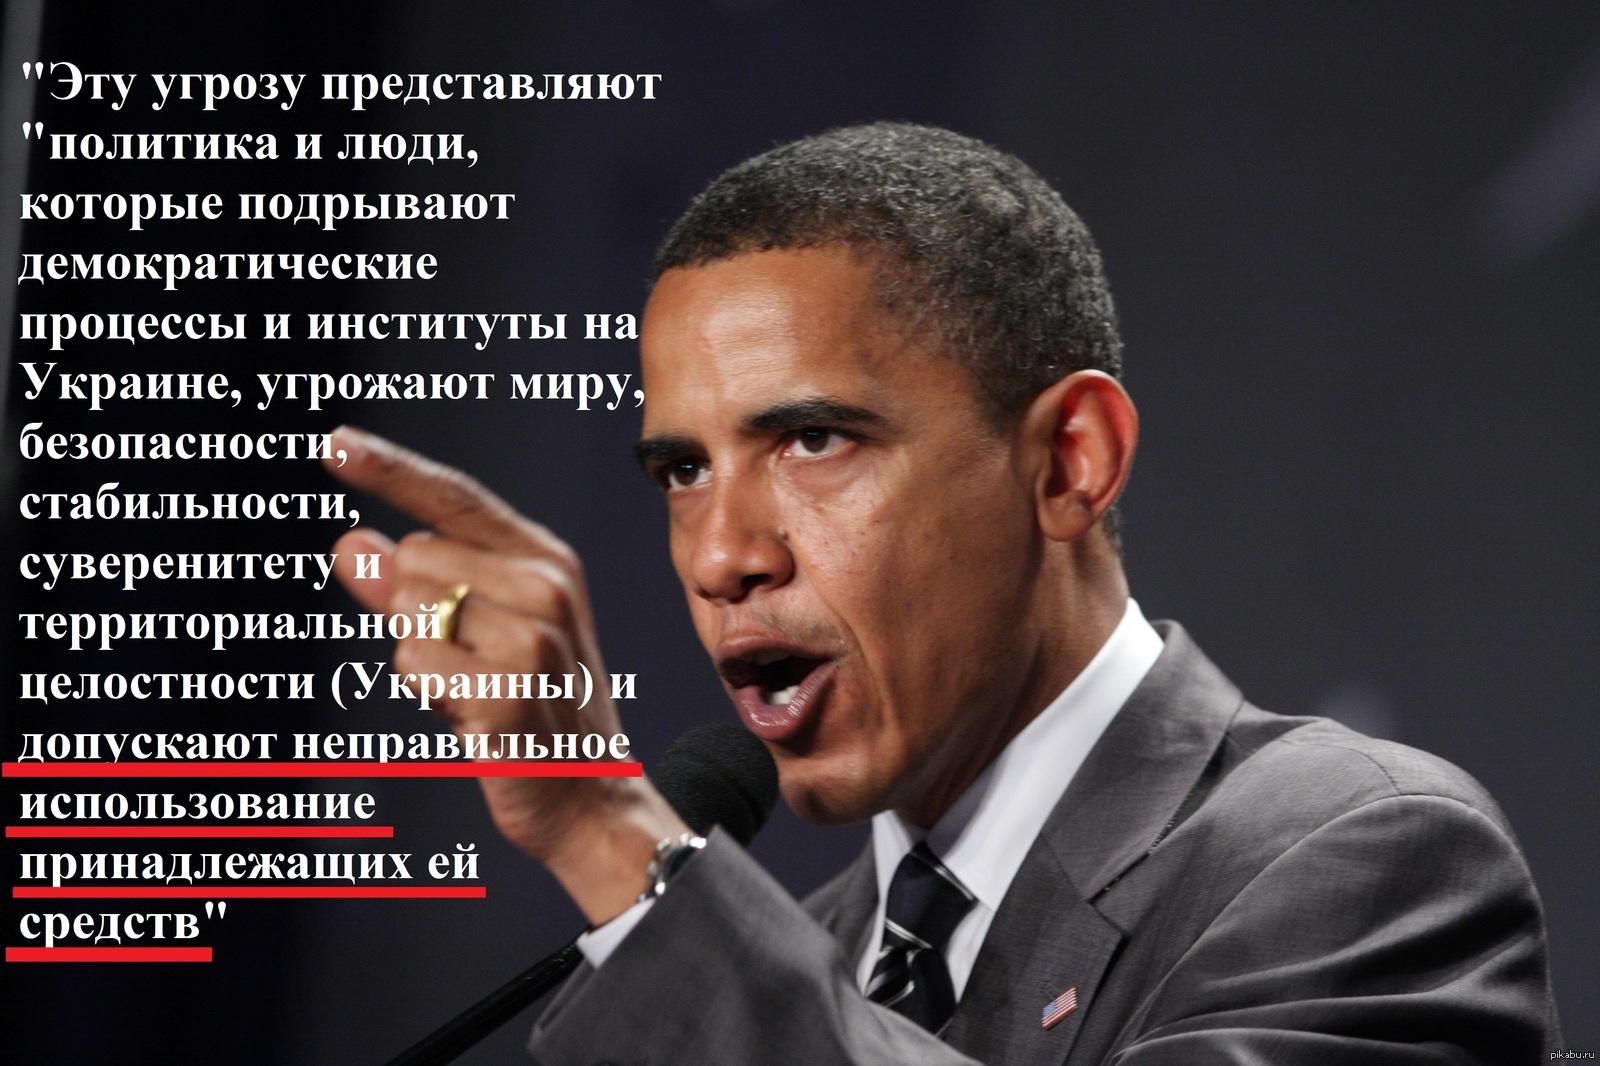 Обама хуй ебаный